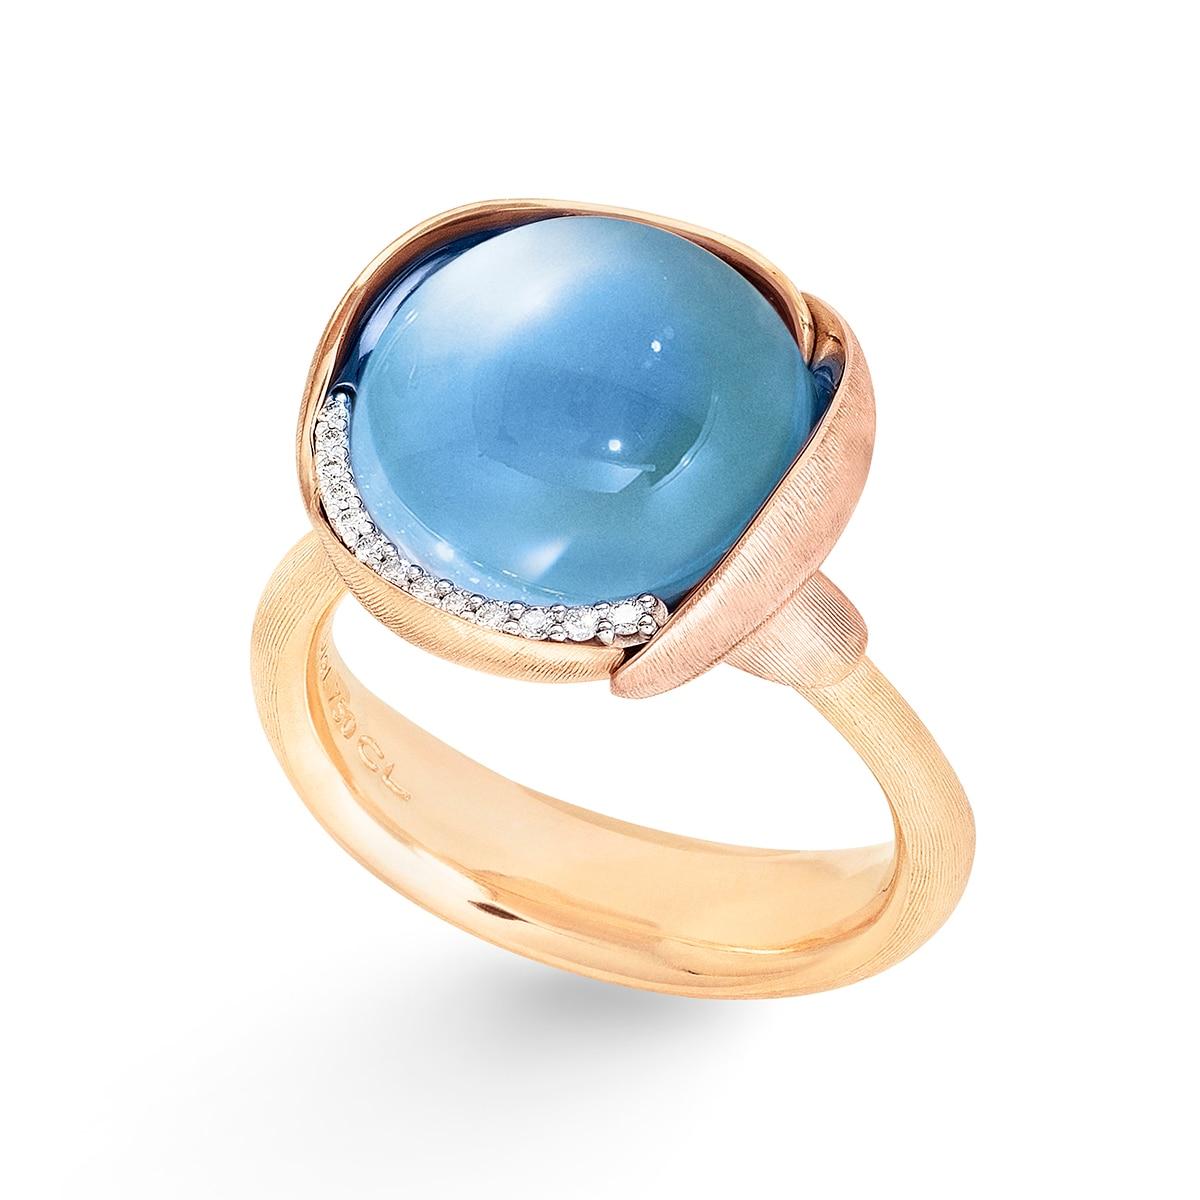 Ole_Lynggaard_Lotus_Ring 3_Skye Blue Topaz_A2652-408_V4_hos_Jarl_Sandin